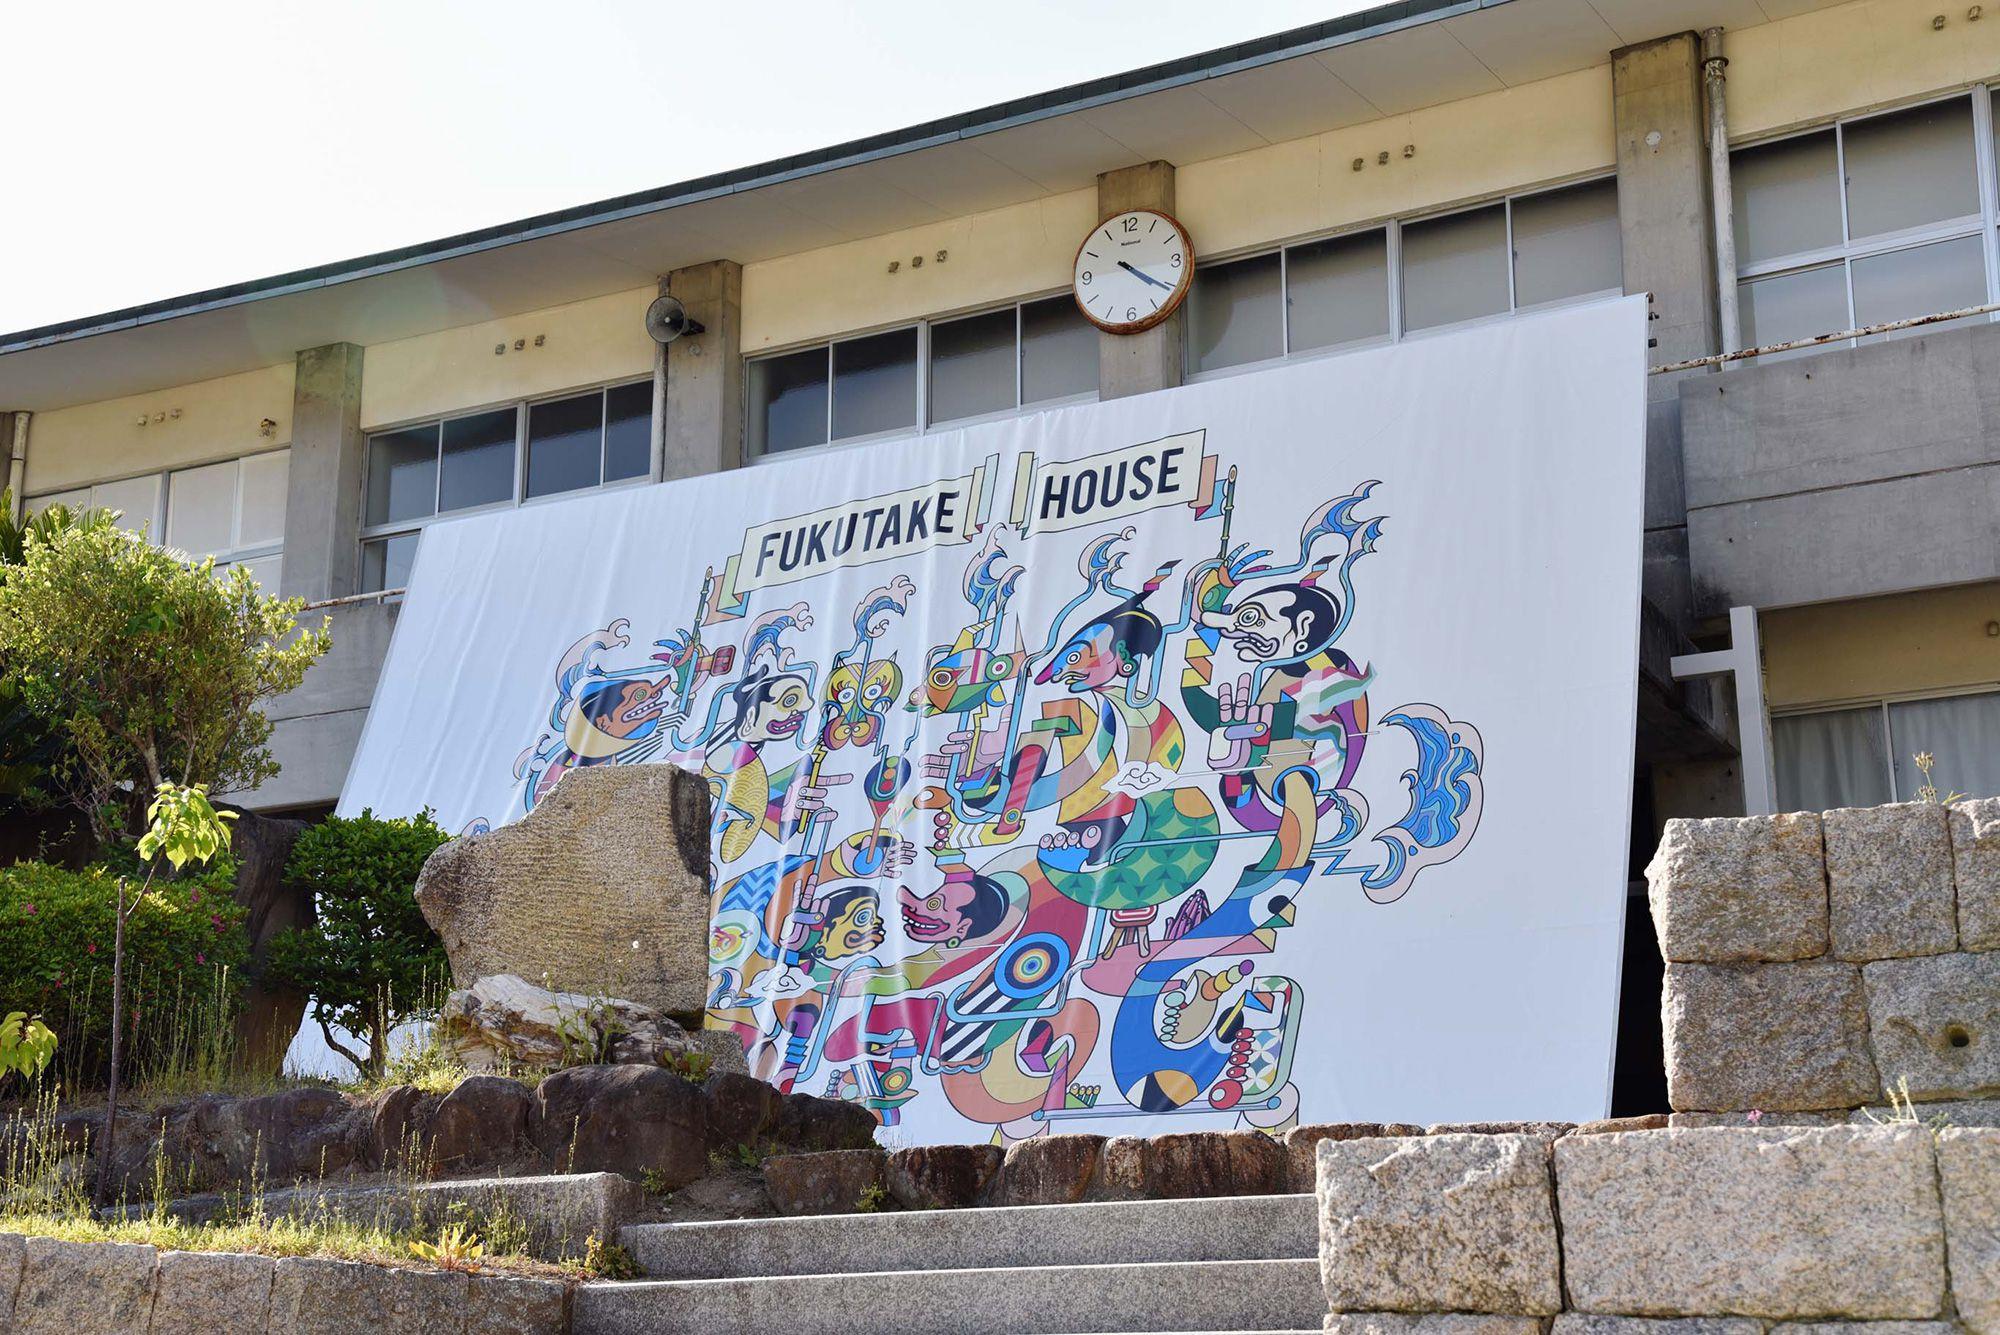 福武ハウスの正面入口。インドネシアのアーティスト、インディゲリラによる作品「Sahabat Alam/Friend of Nature」が迎える。元小学校の建物は当時の面影を色濃く残しながら、モダンに改装されている。